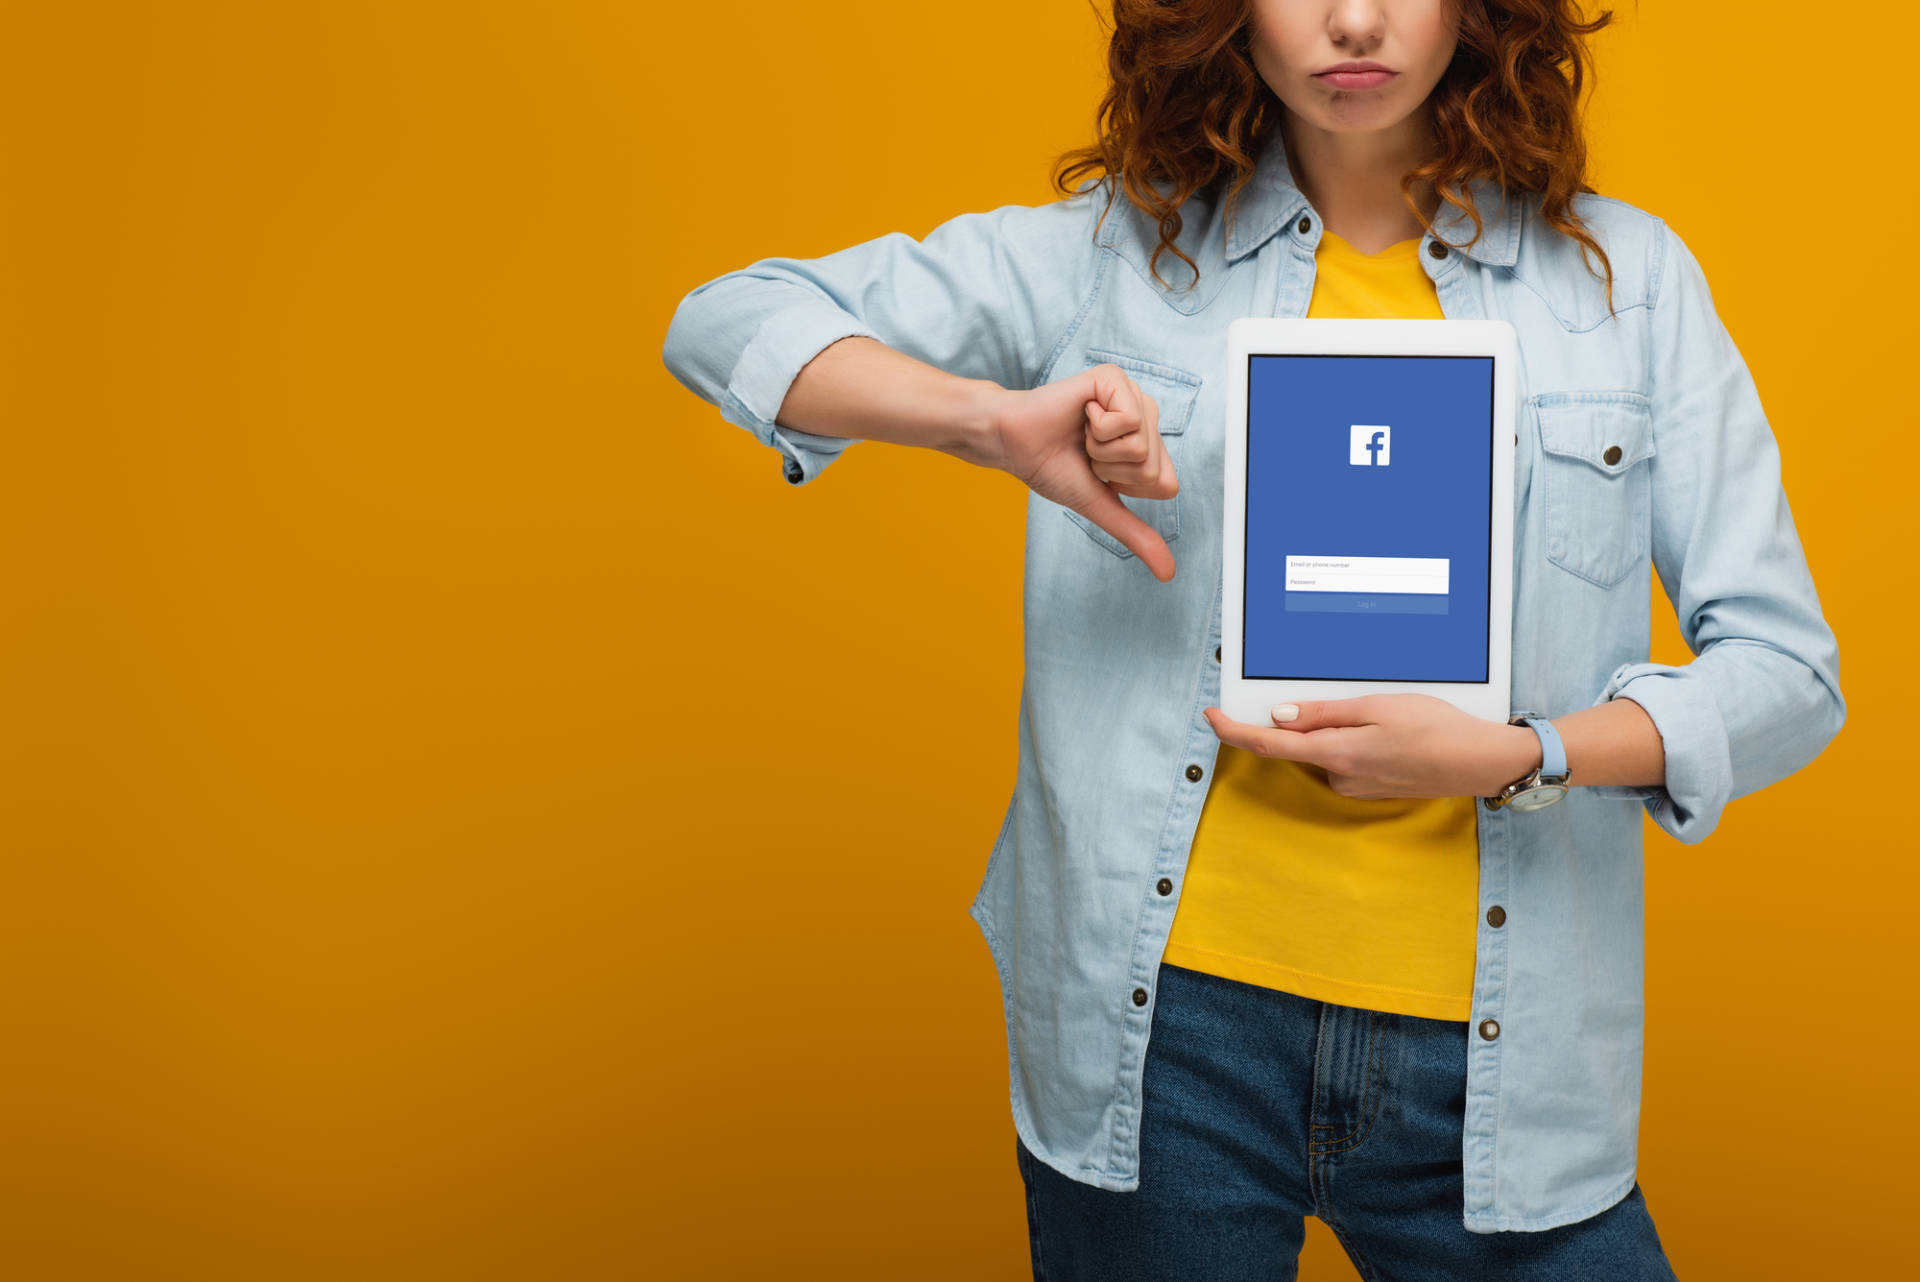 Annunci di lavoro su Facebook: discriminatori e sessisti, la vittoria della class action